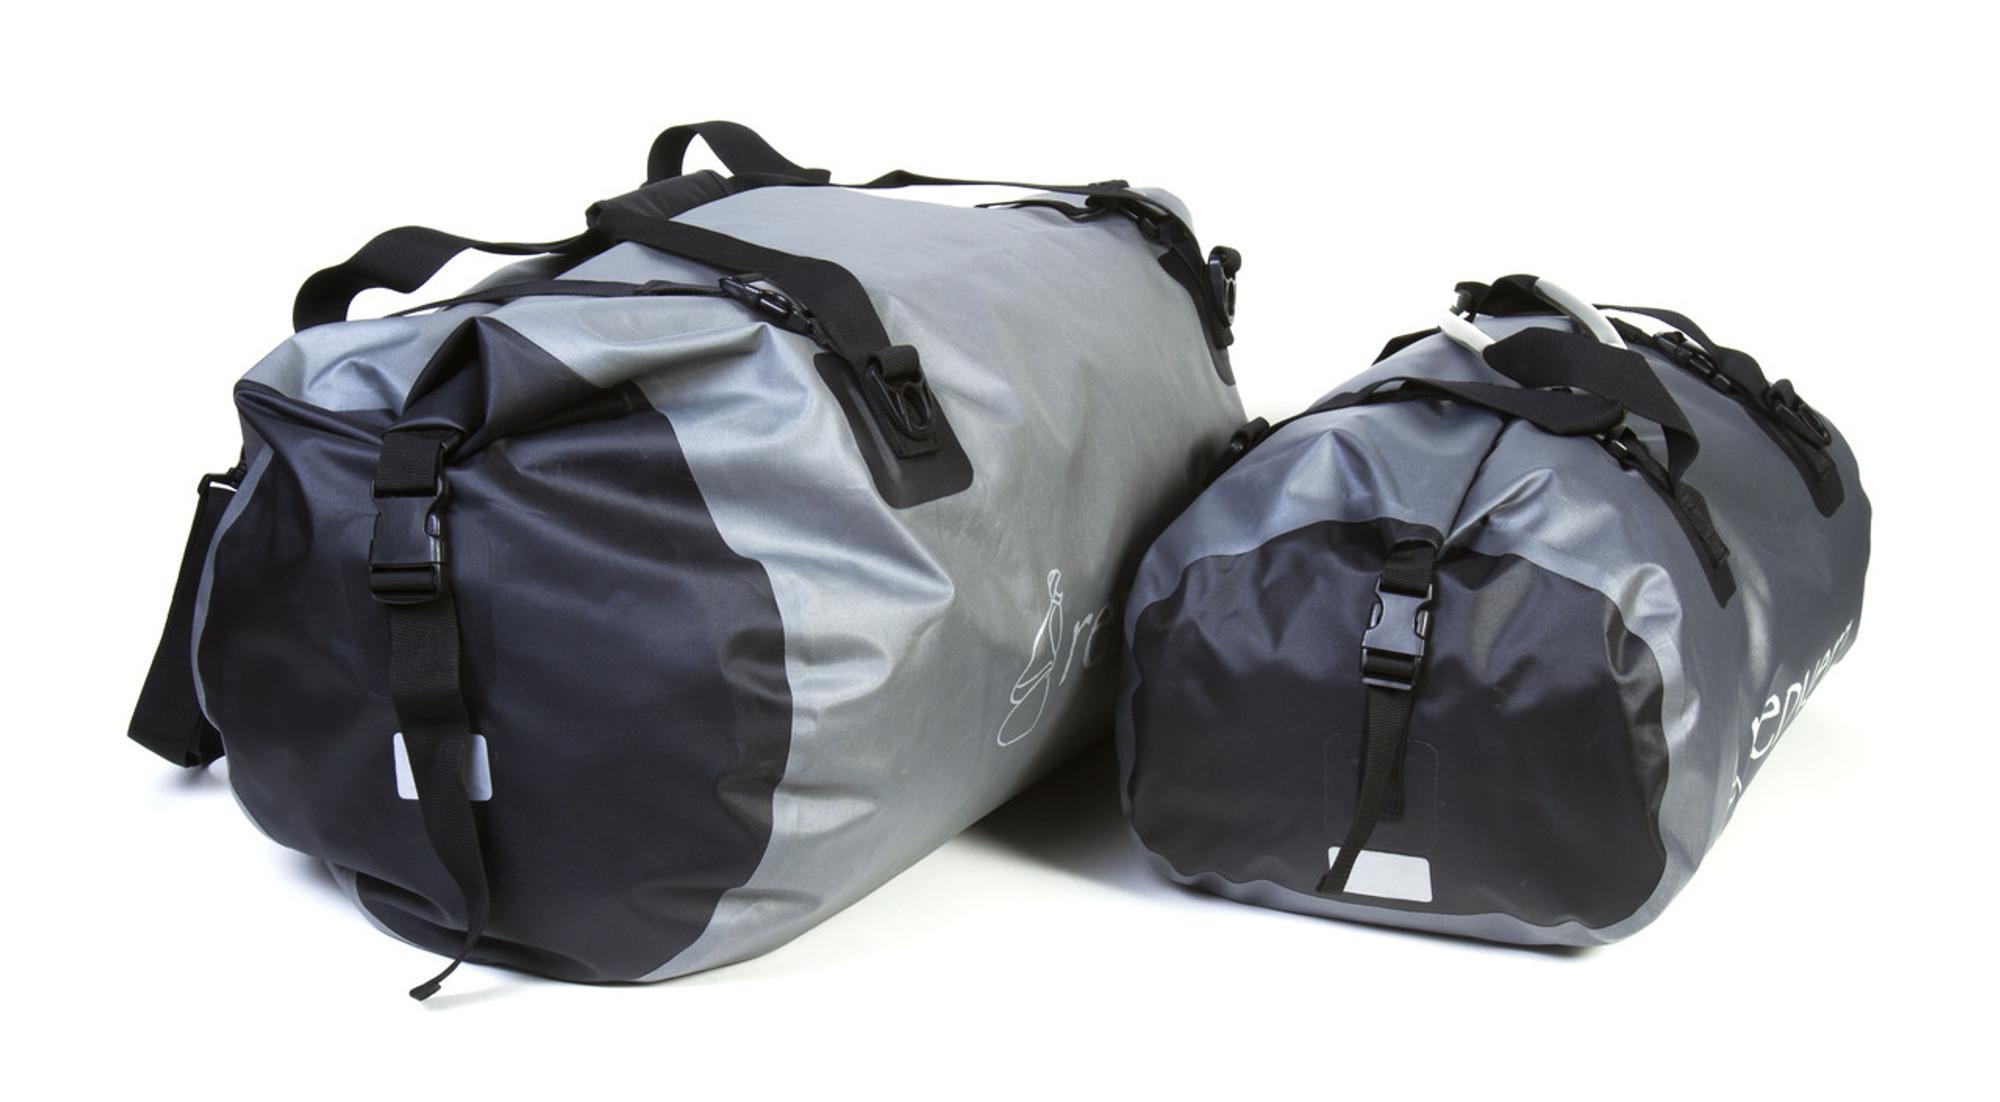 3d503243 ... 90 Liter Expedition Dry Bag Four tie down buckles Size comparison 90L  vs 50L .